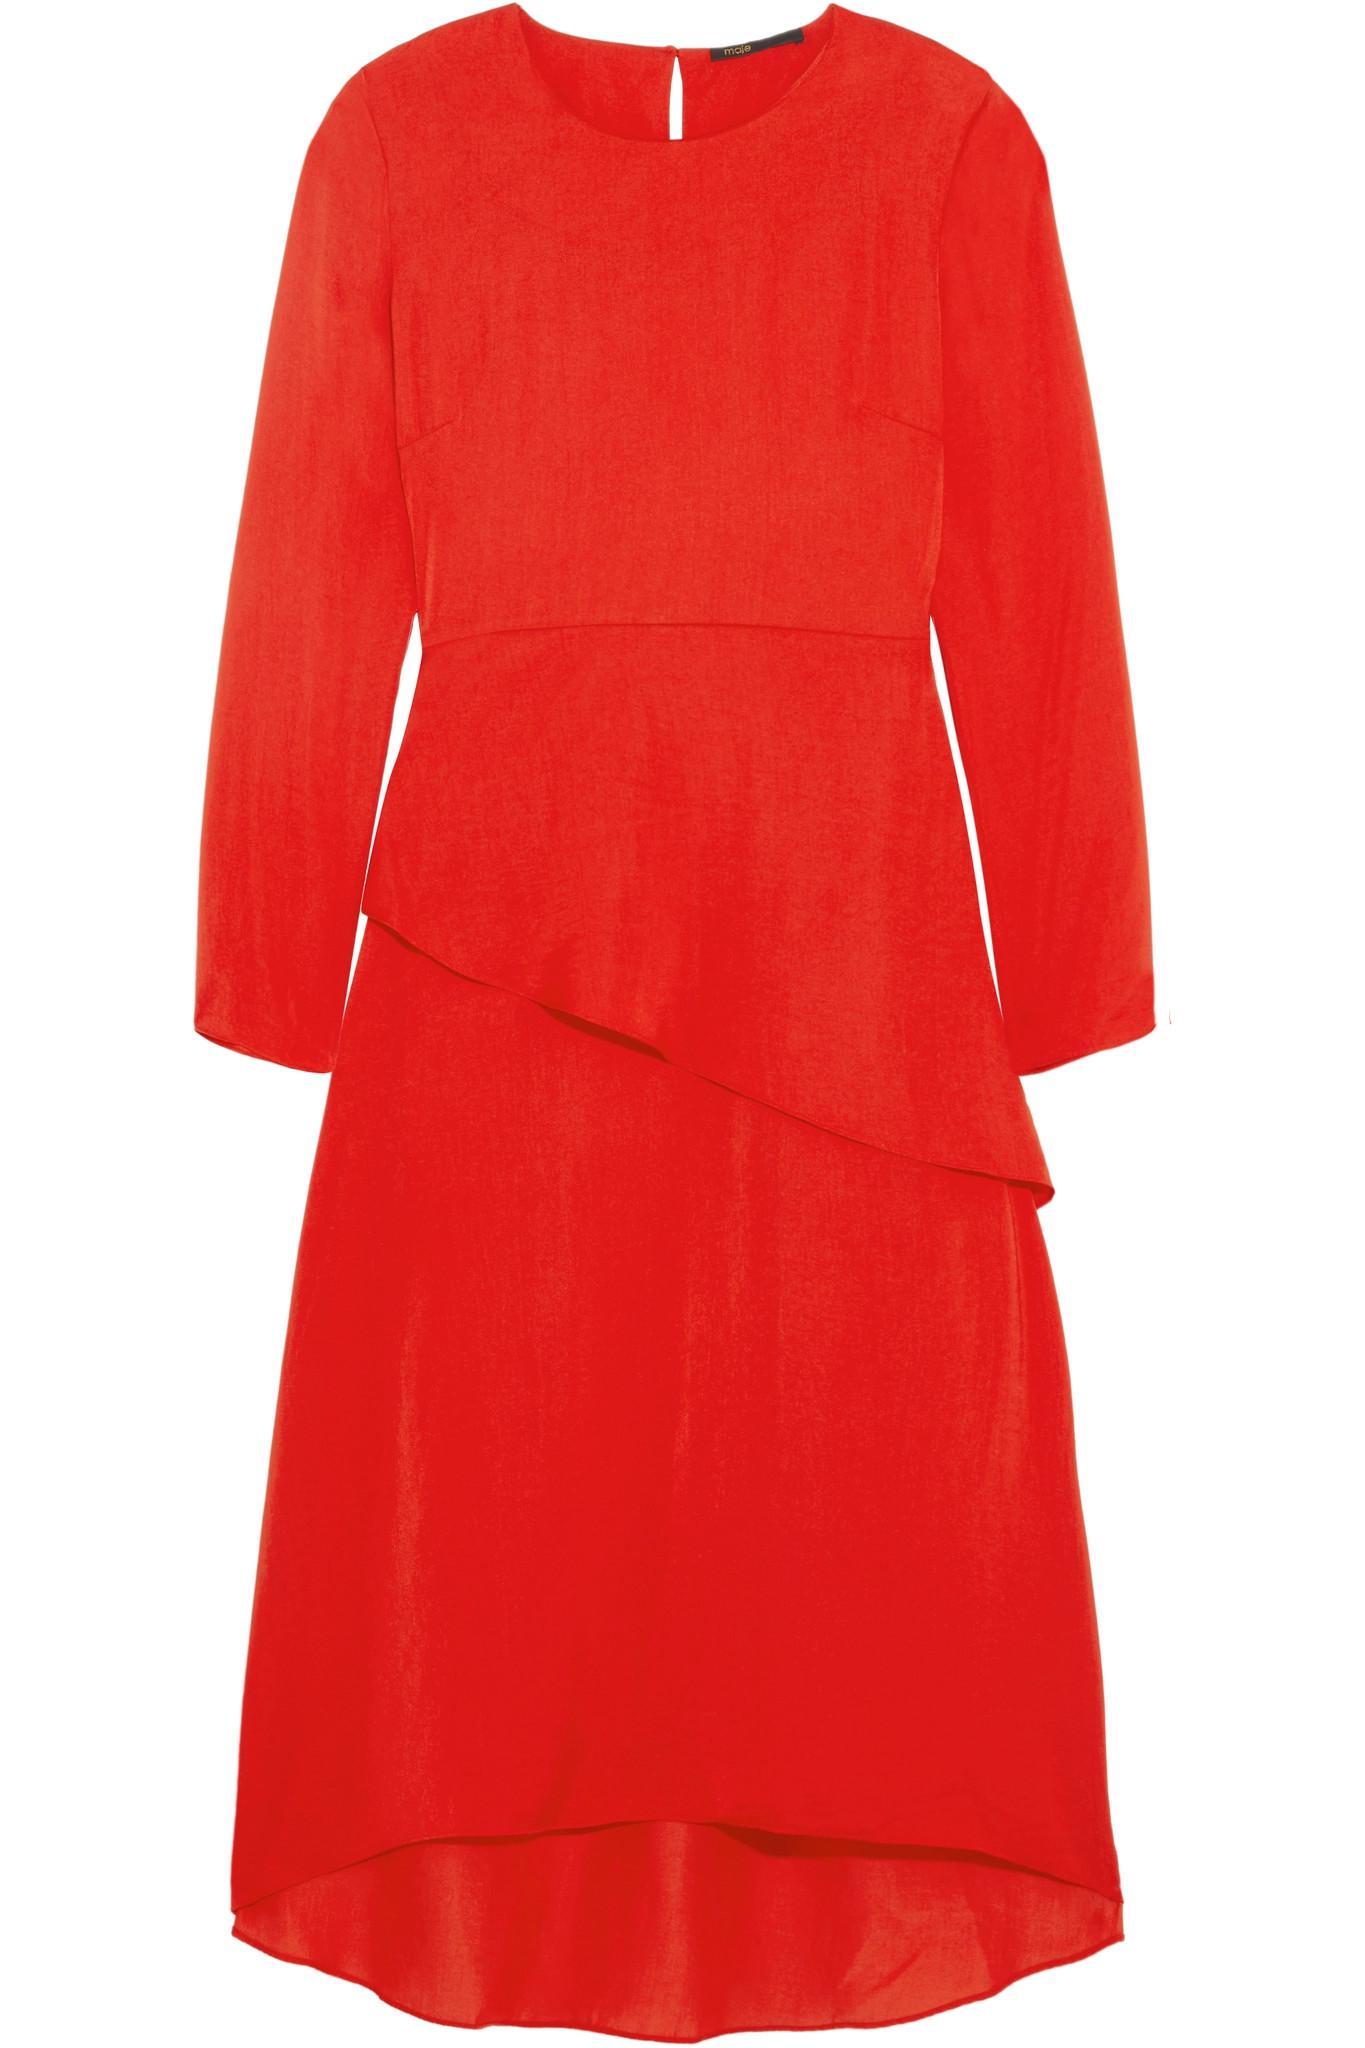 c7fbad547894 Lyst - Robe En Crêpe Satiné à Volants Remania Maje en coloris Rouge